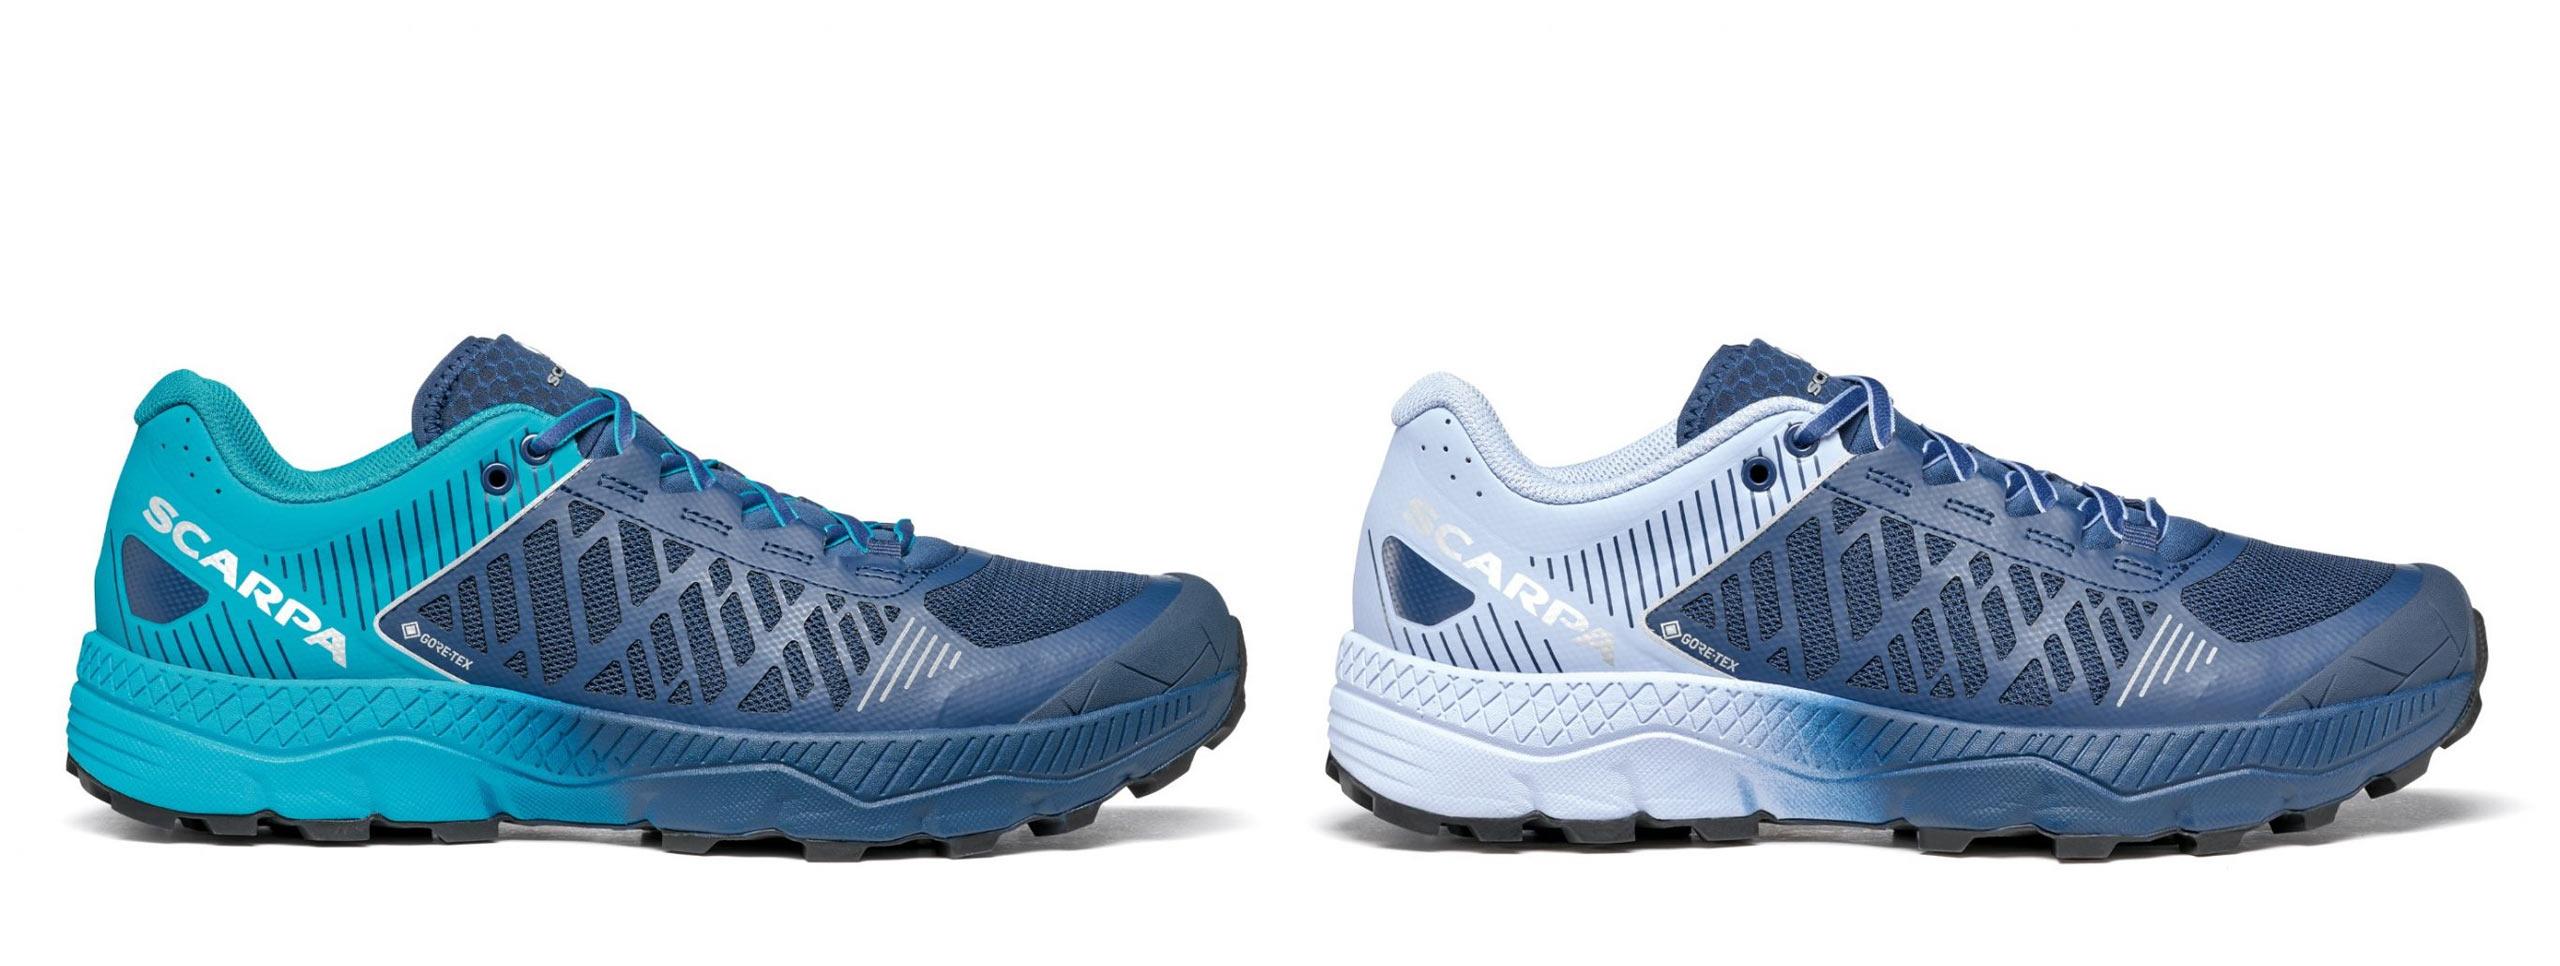 GearJunkie_Best_trailrunning_shoes_2021_Scarpa_Ultra_Spin_GTX